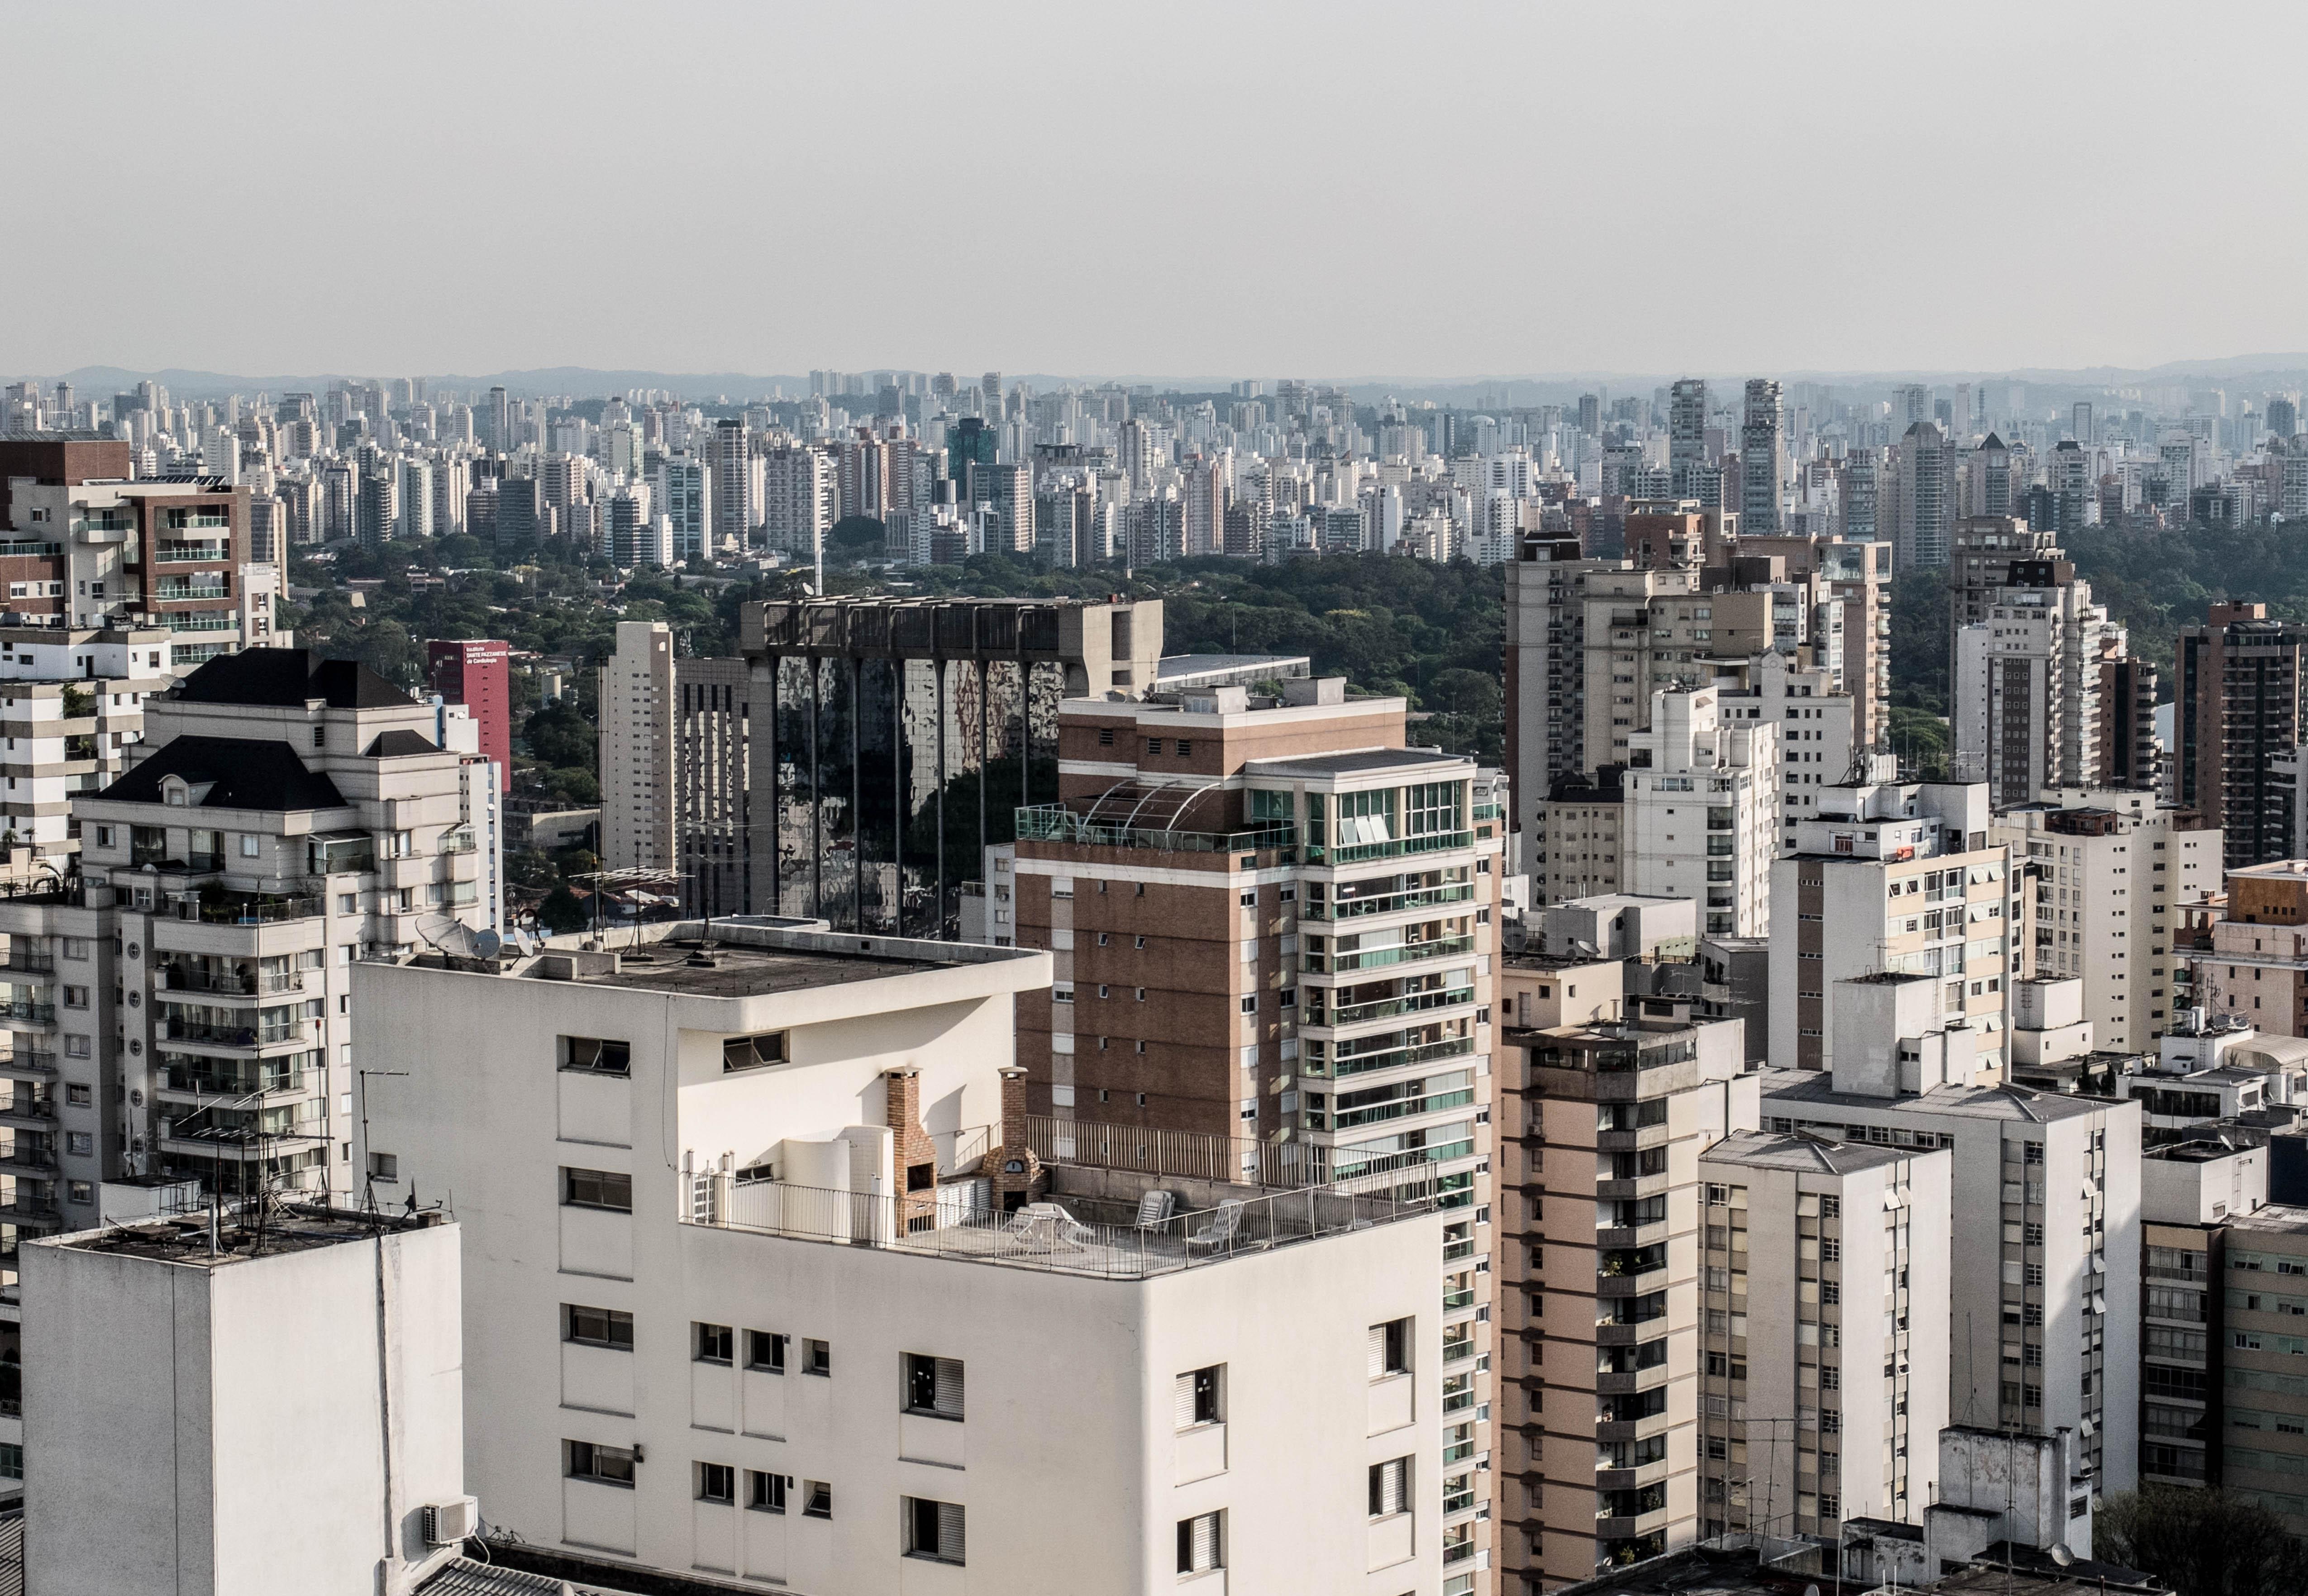 Cidades - geral - urbano poluição metrópole capital prédio habitação imóveis economia